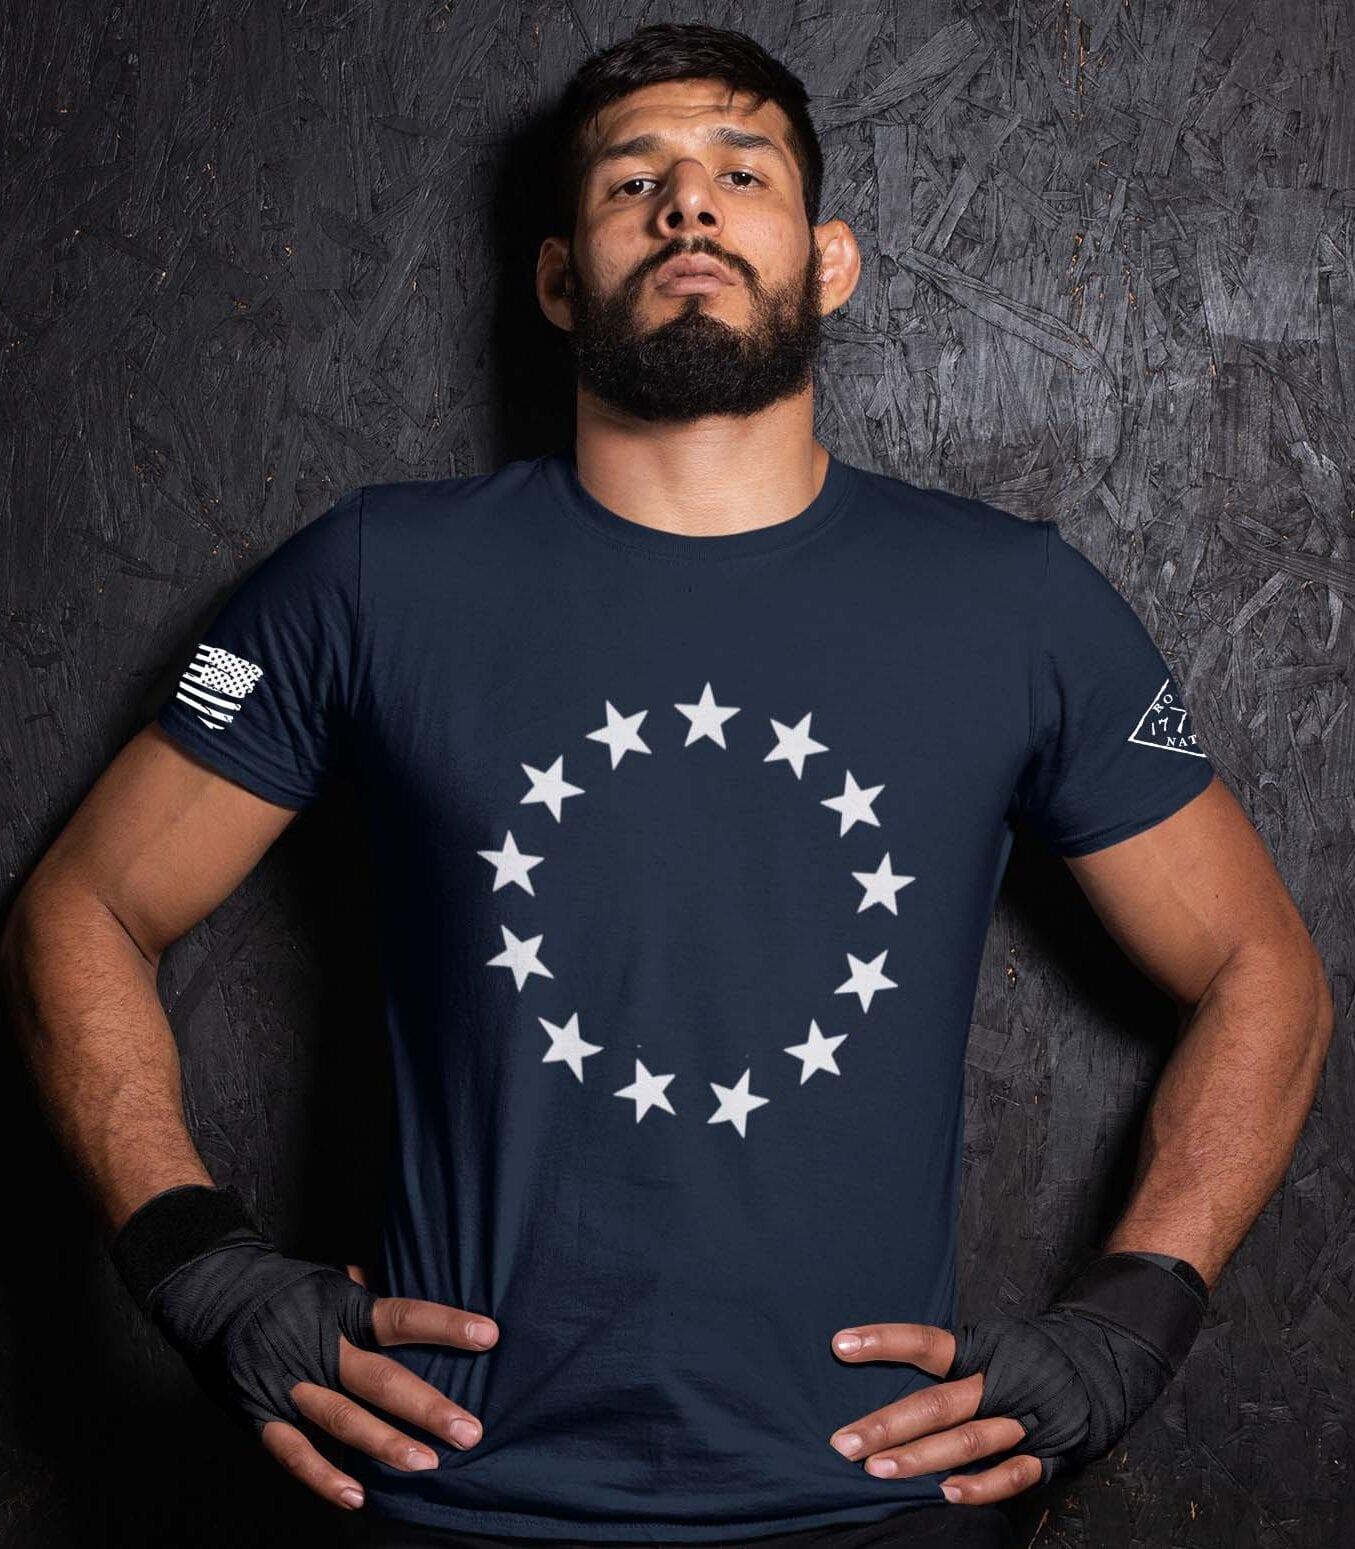 Betsy Stars on Navy Blue Men's T-Shirt